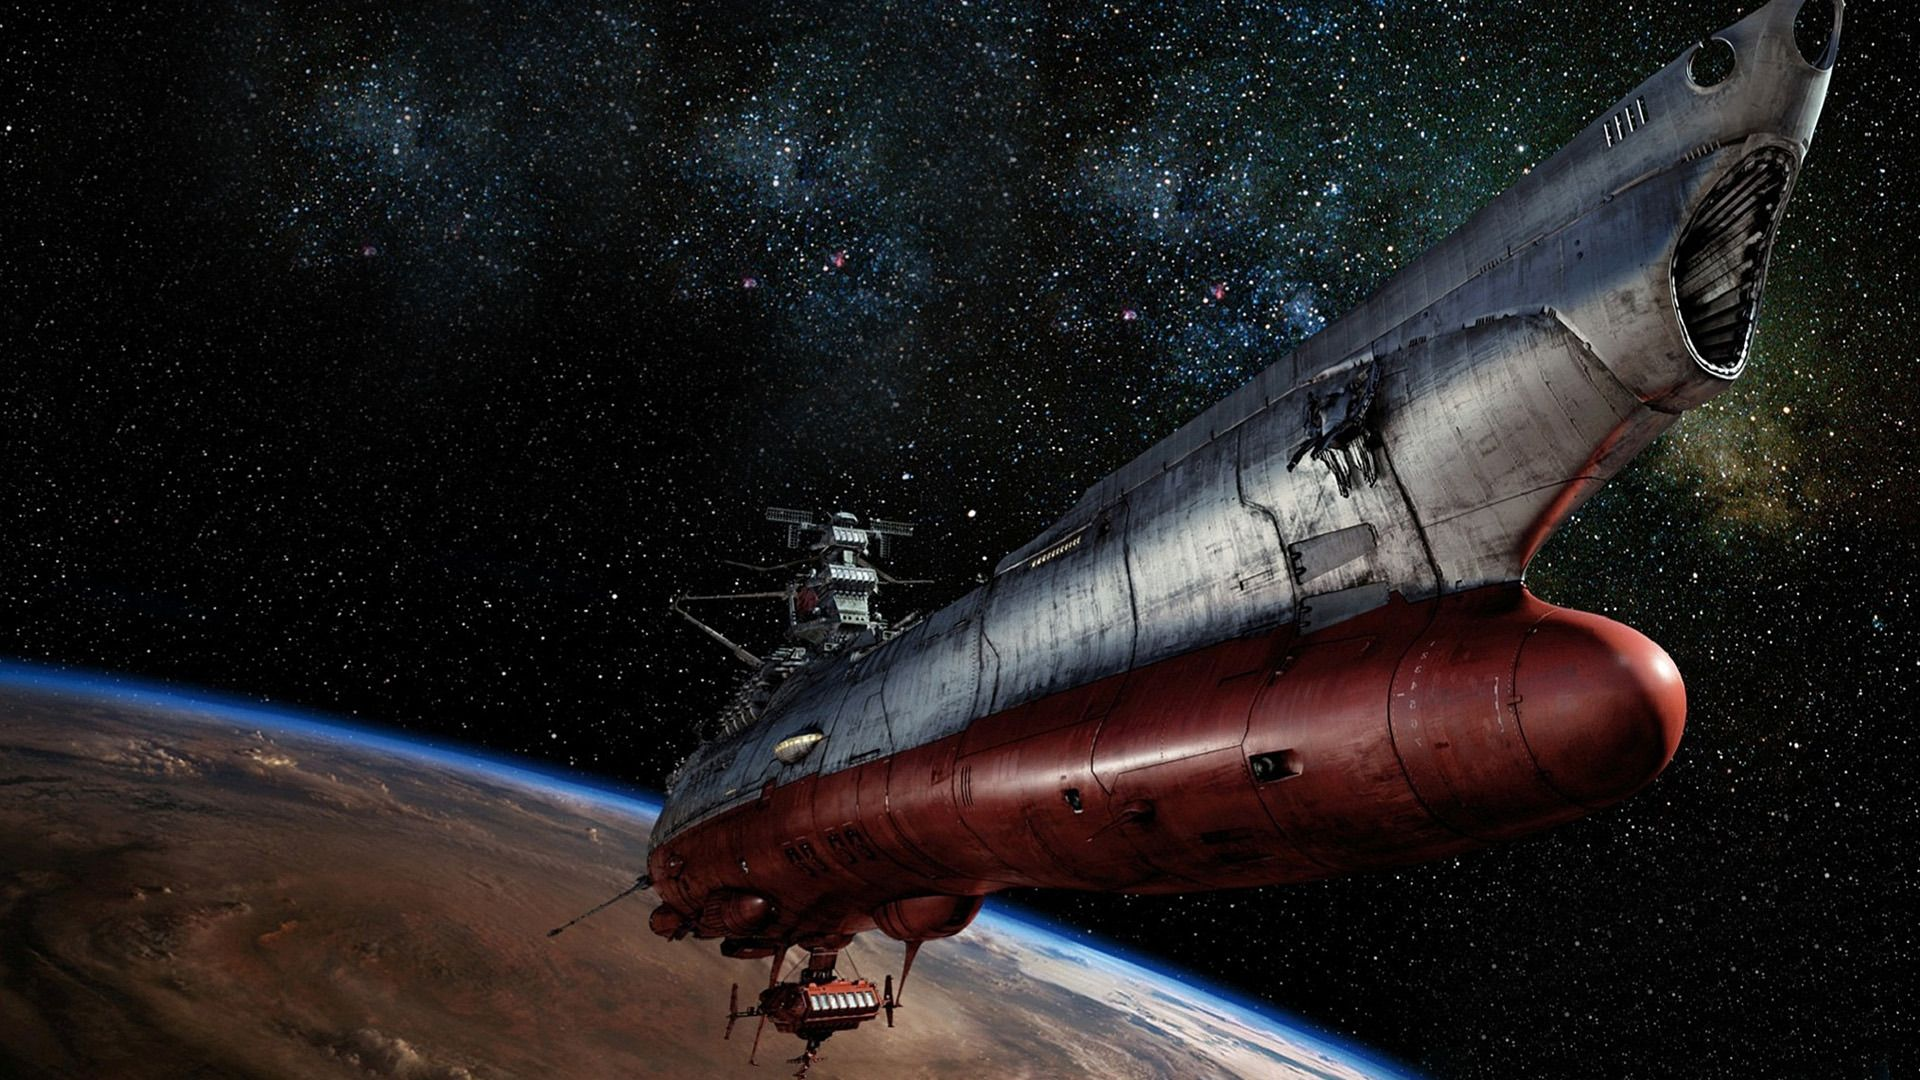 Space Battleship Yamato 2199 Wallpaper 戦艦ヤマト 戦艦 ヤマト